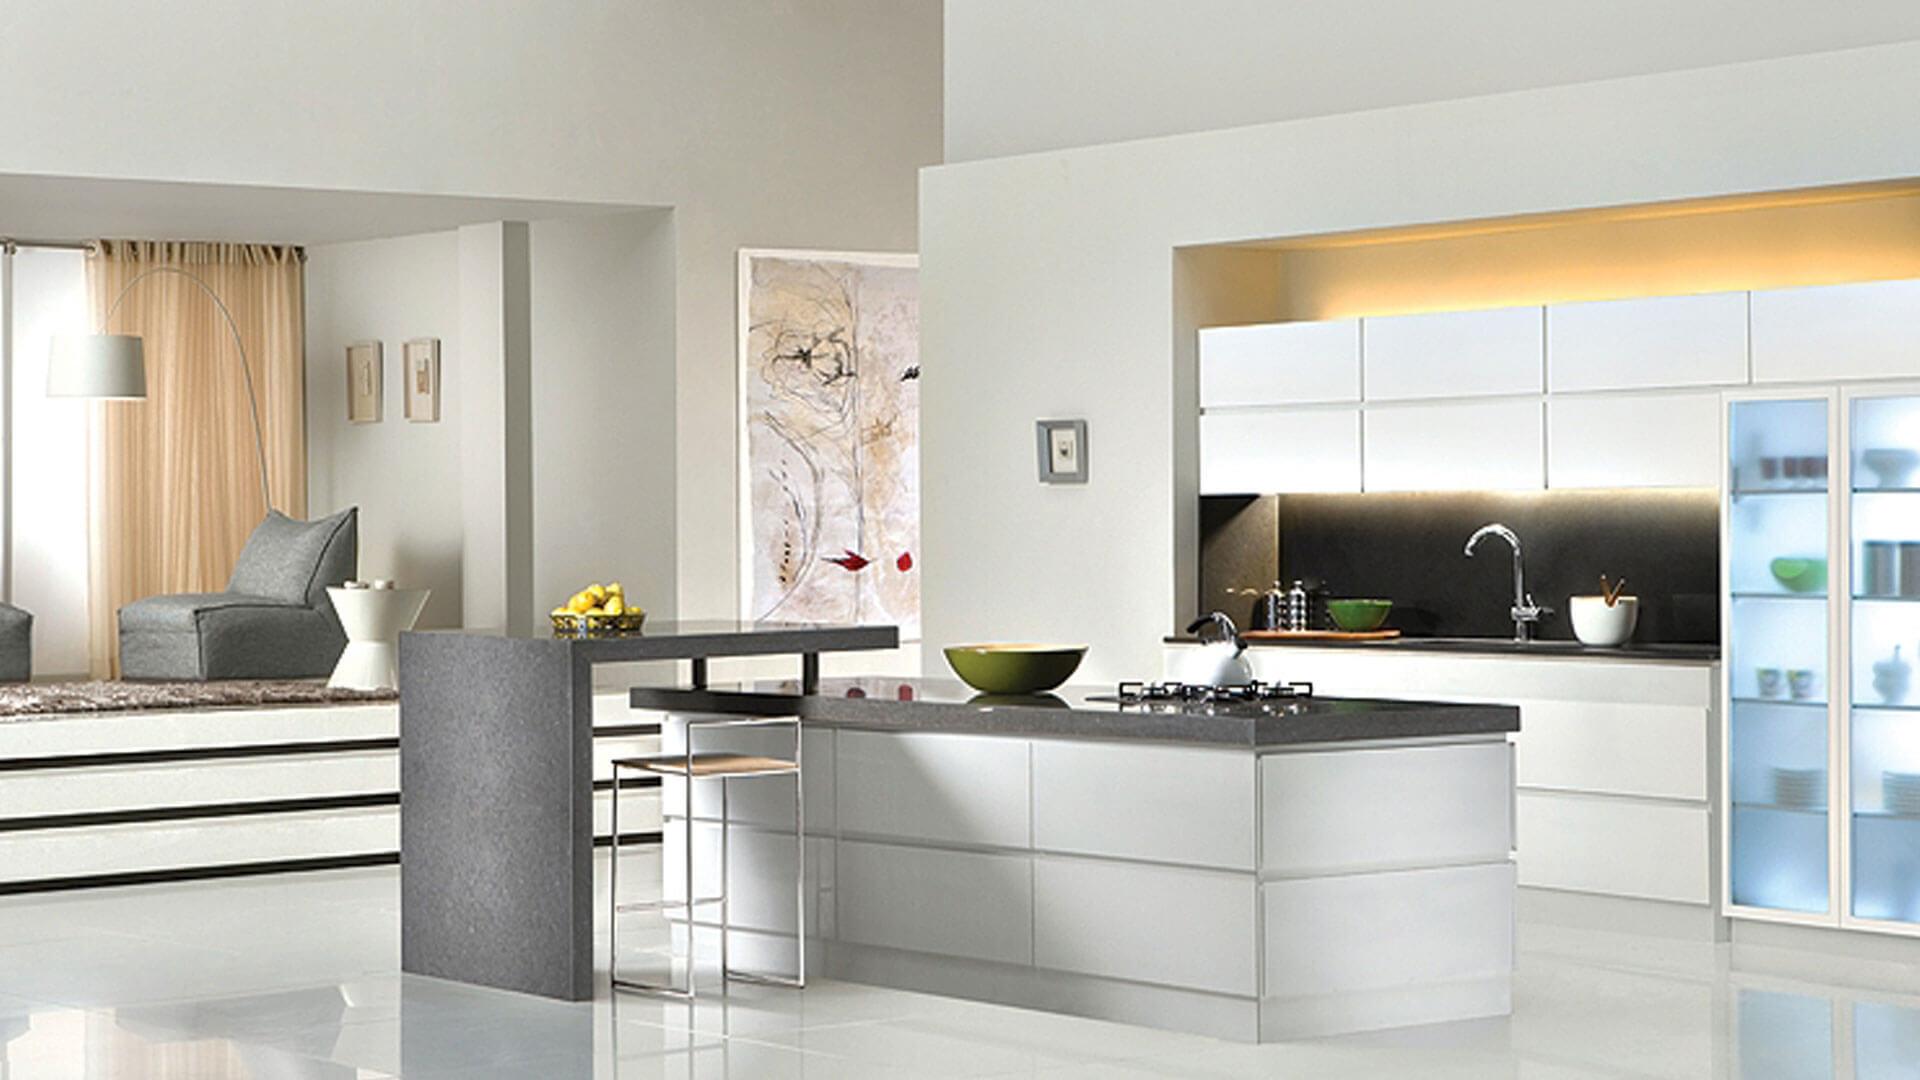 Tất cả những thiết kế nội thất trong ngôi biệt thự phải đảm bảo sự an toàn cho người dùng, đặc biệt là gia đình có người già và trẻ em